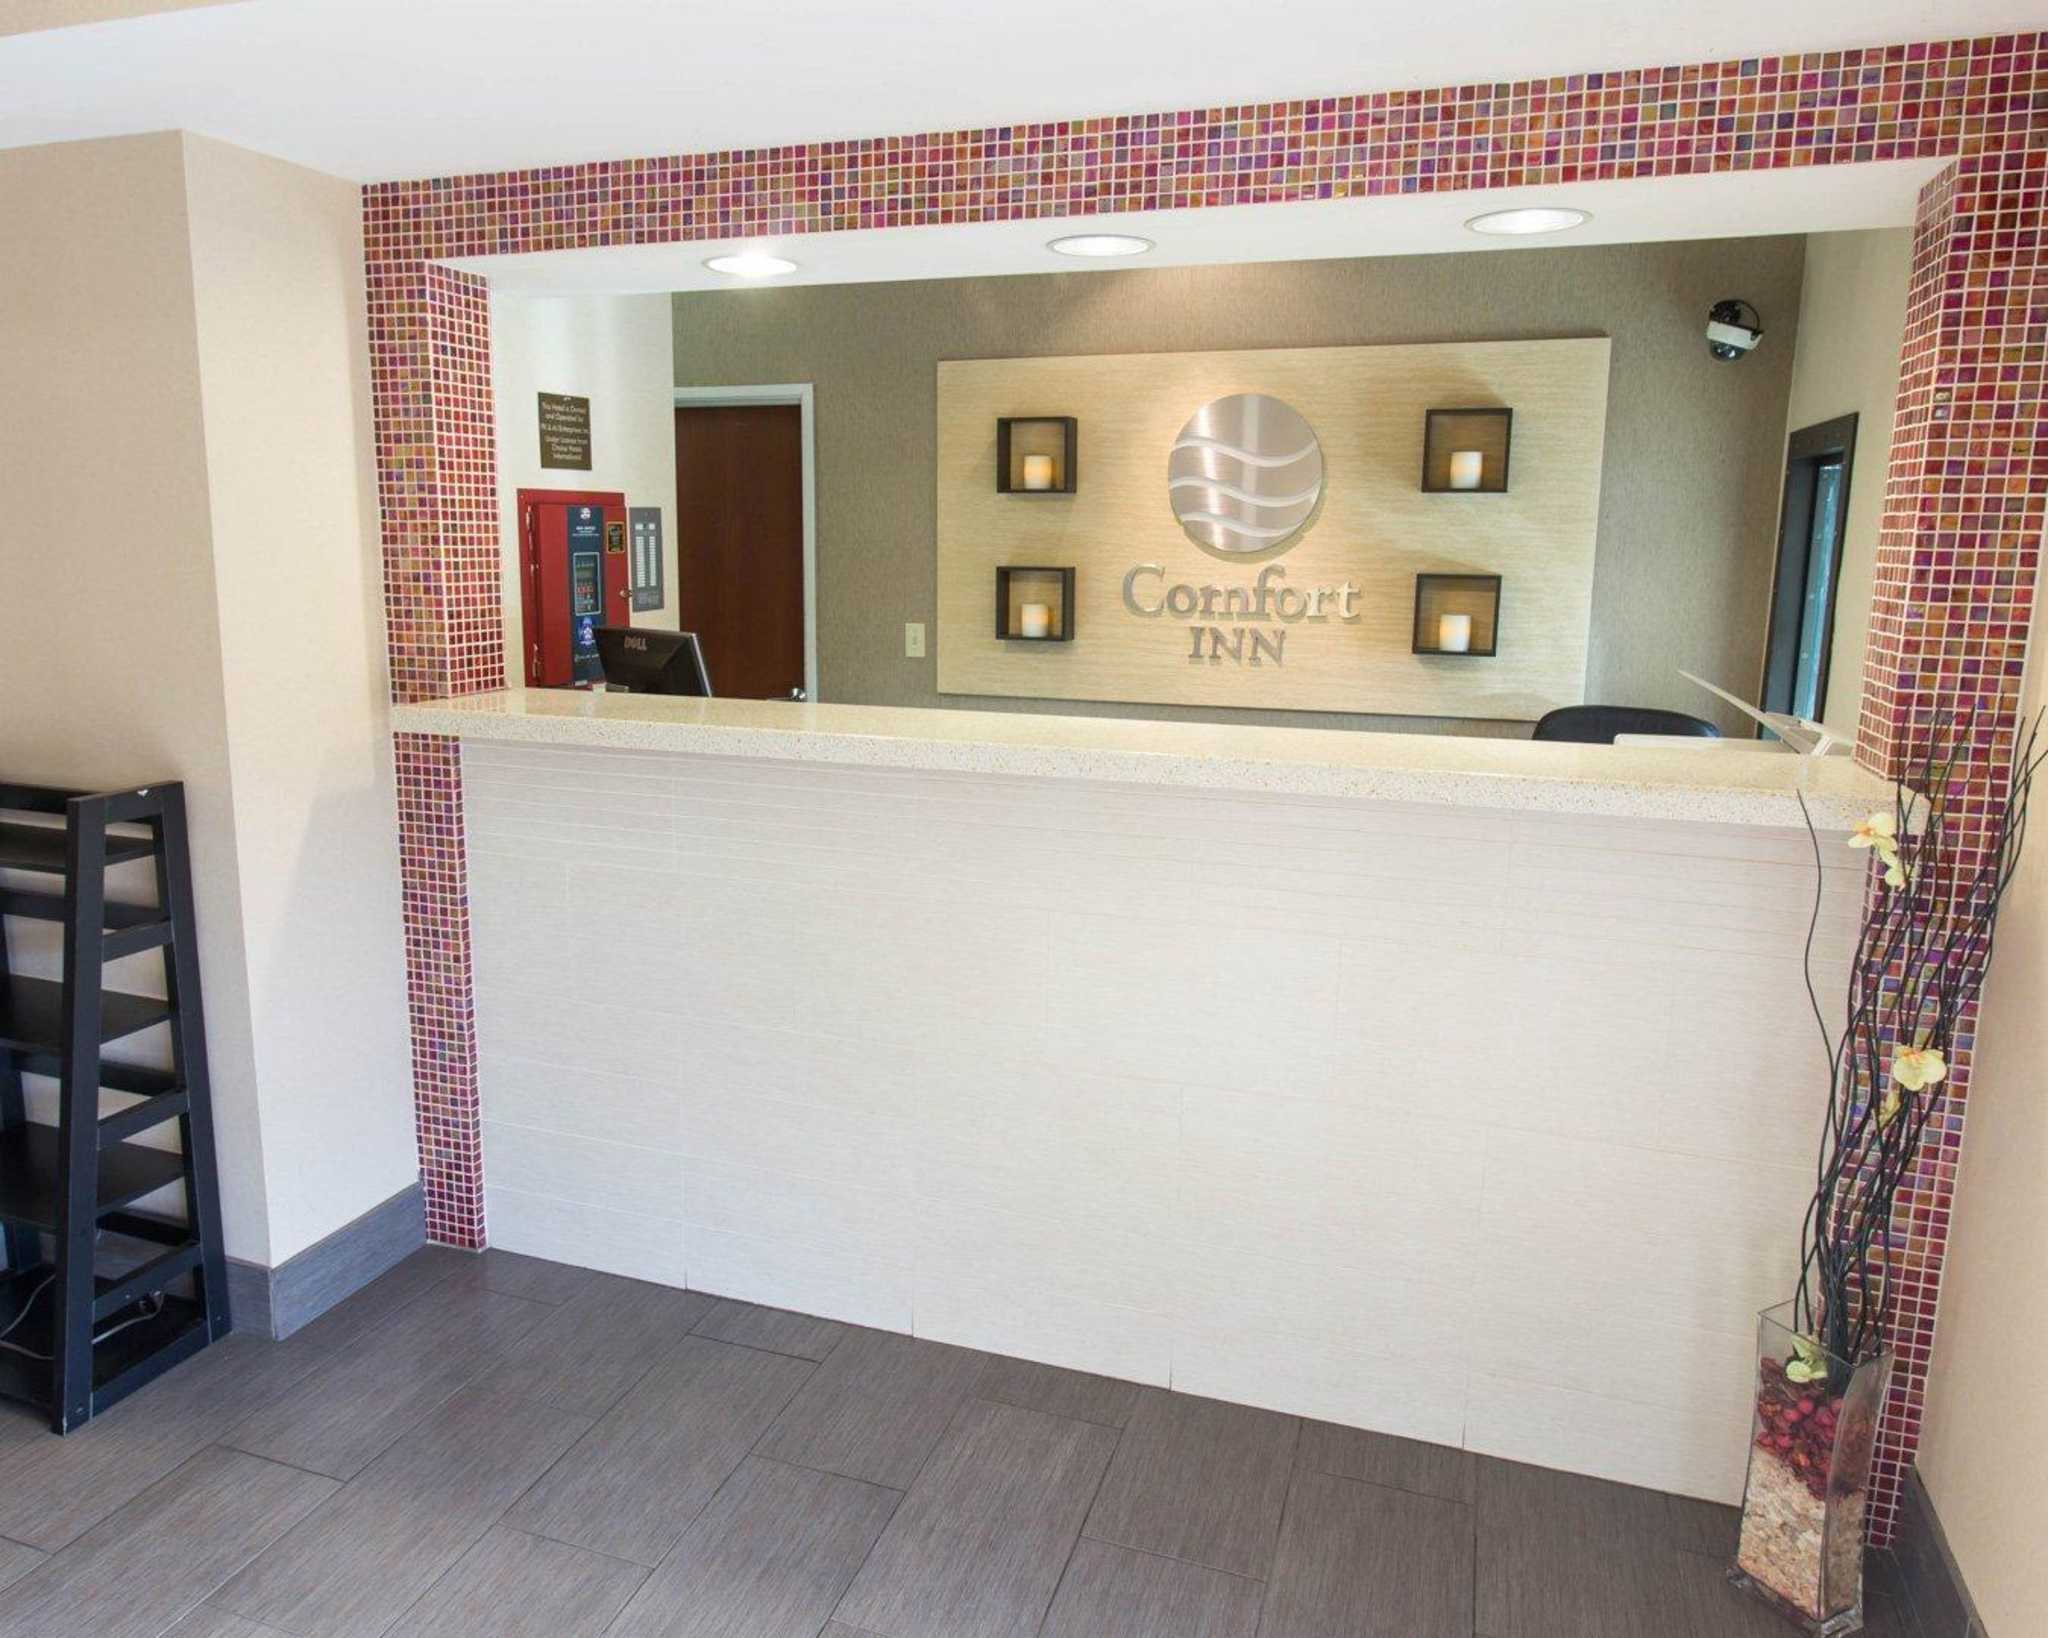 Comfort Inn image 13